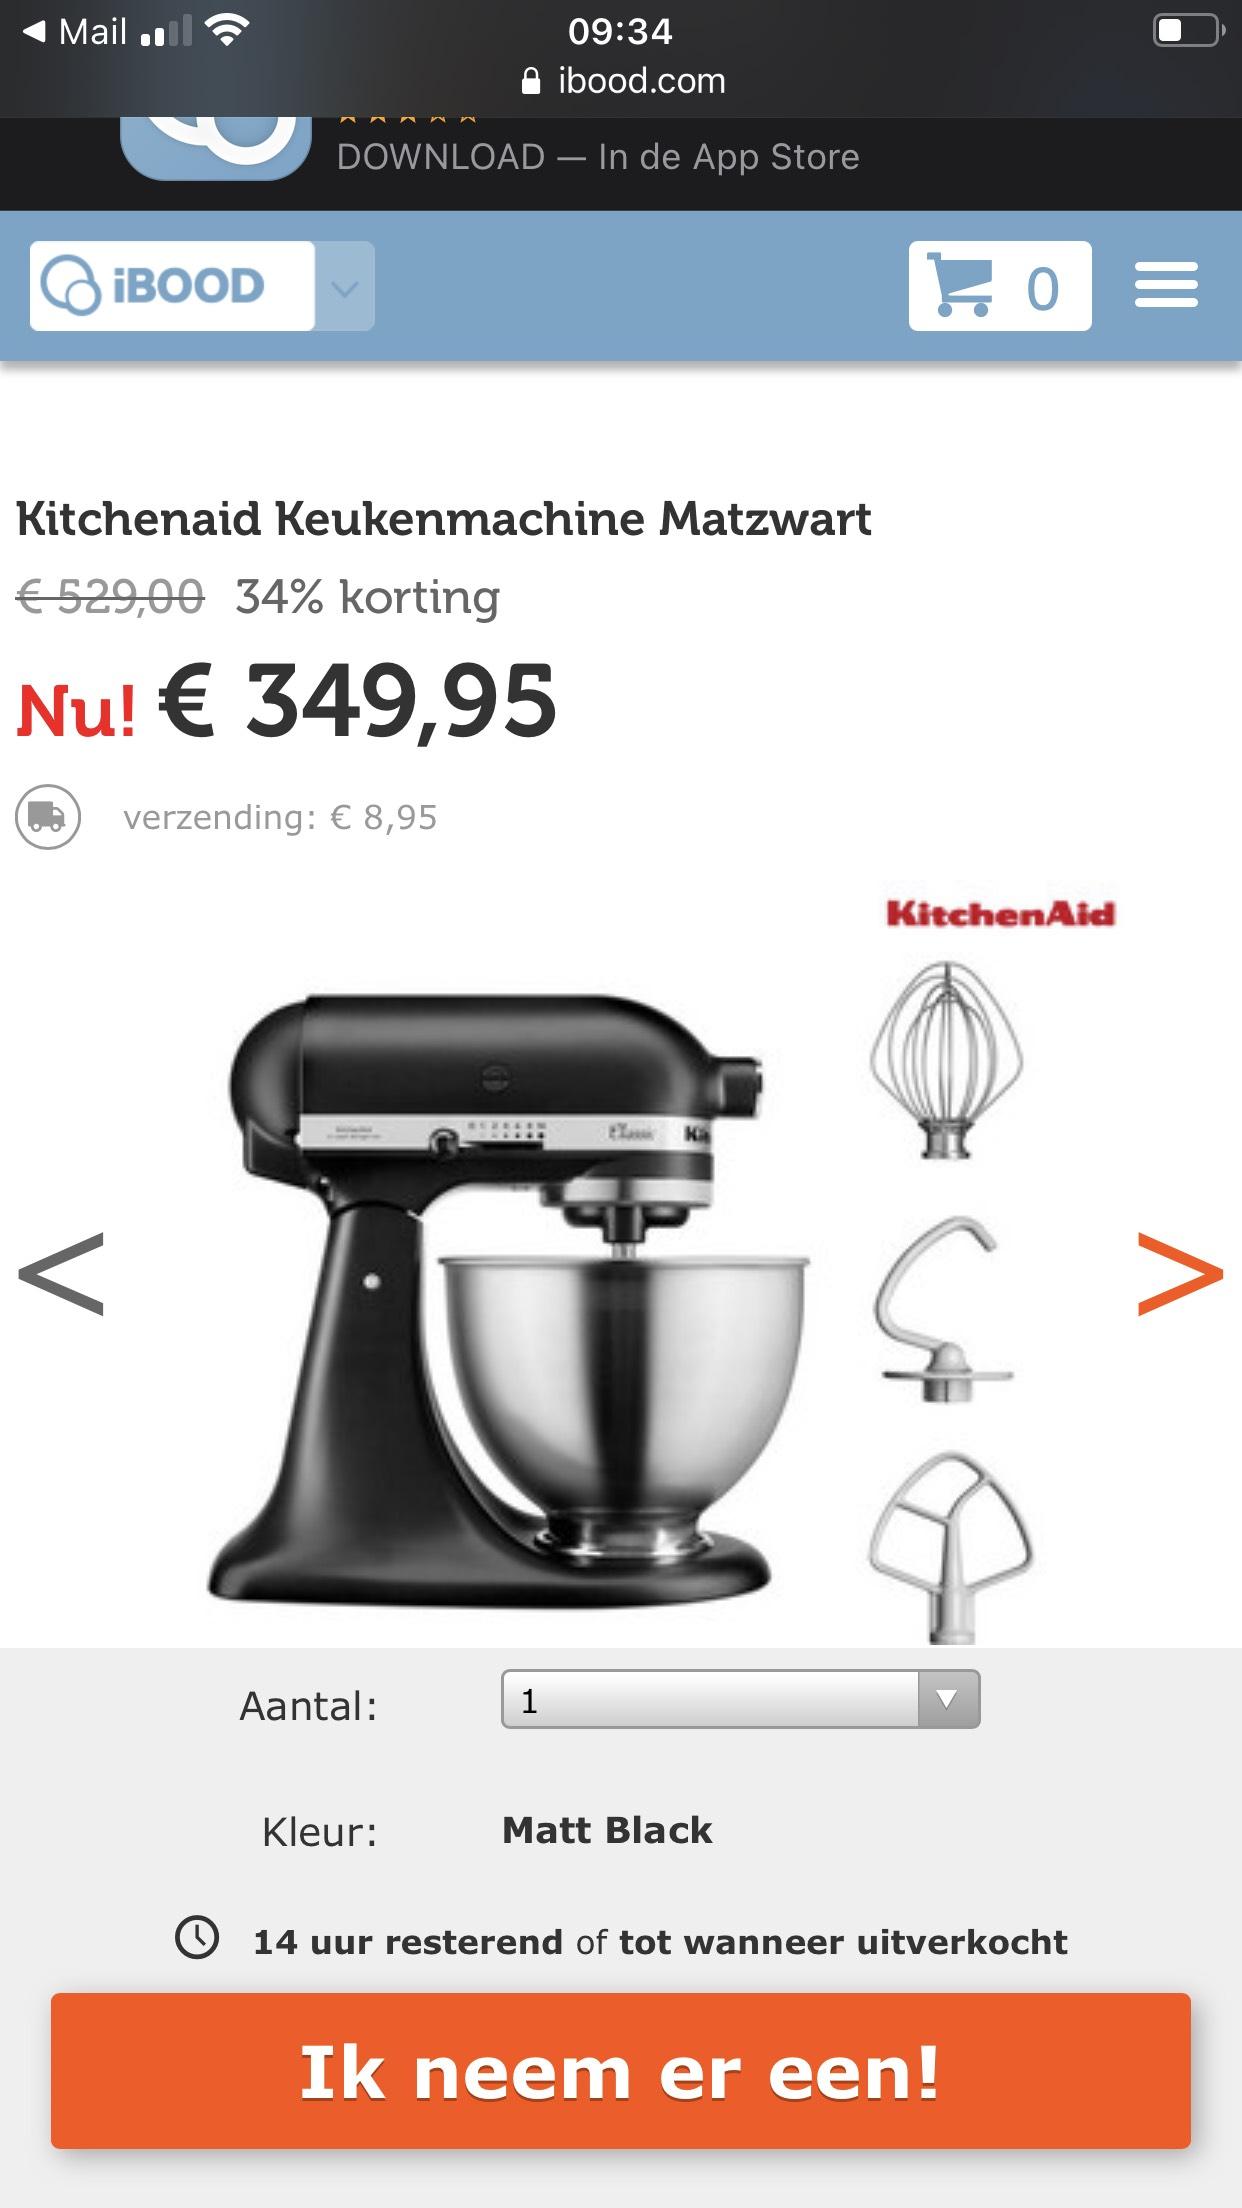 Kitchenaid Keukenmachine Matzwart